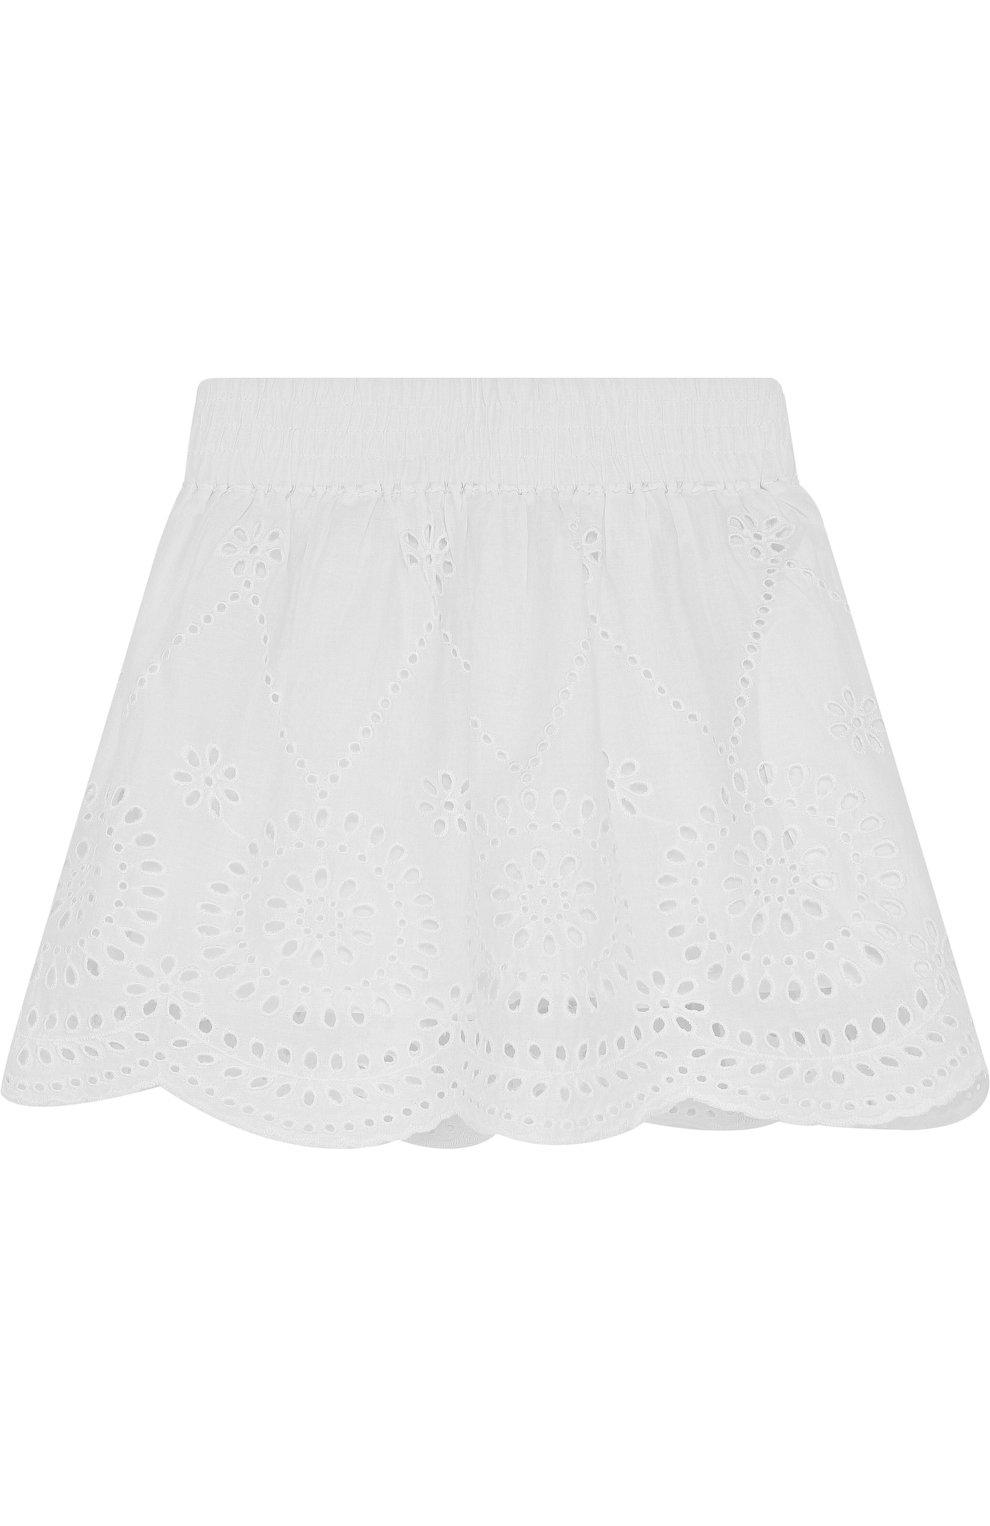 Хлопковая мини-юбка с эластичным поясом и перфорацией | Фото №1